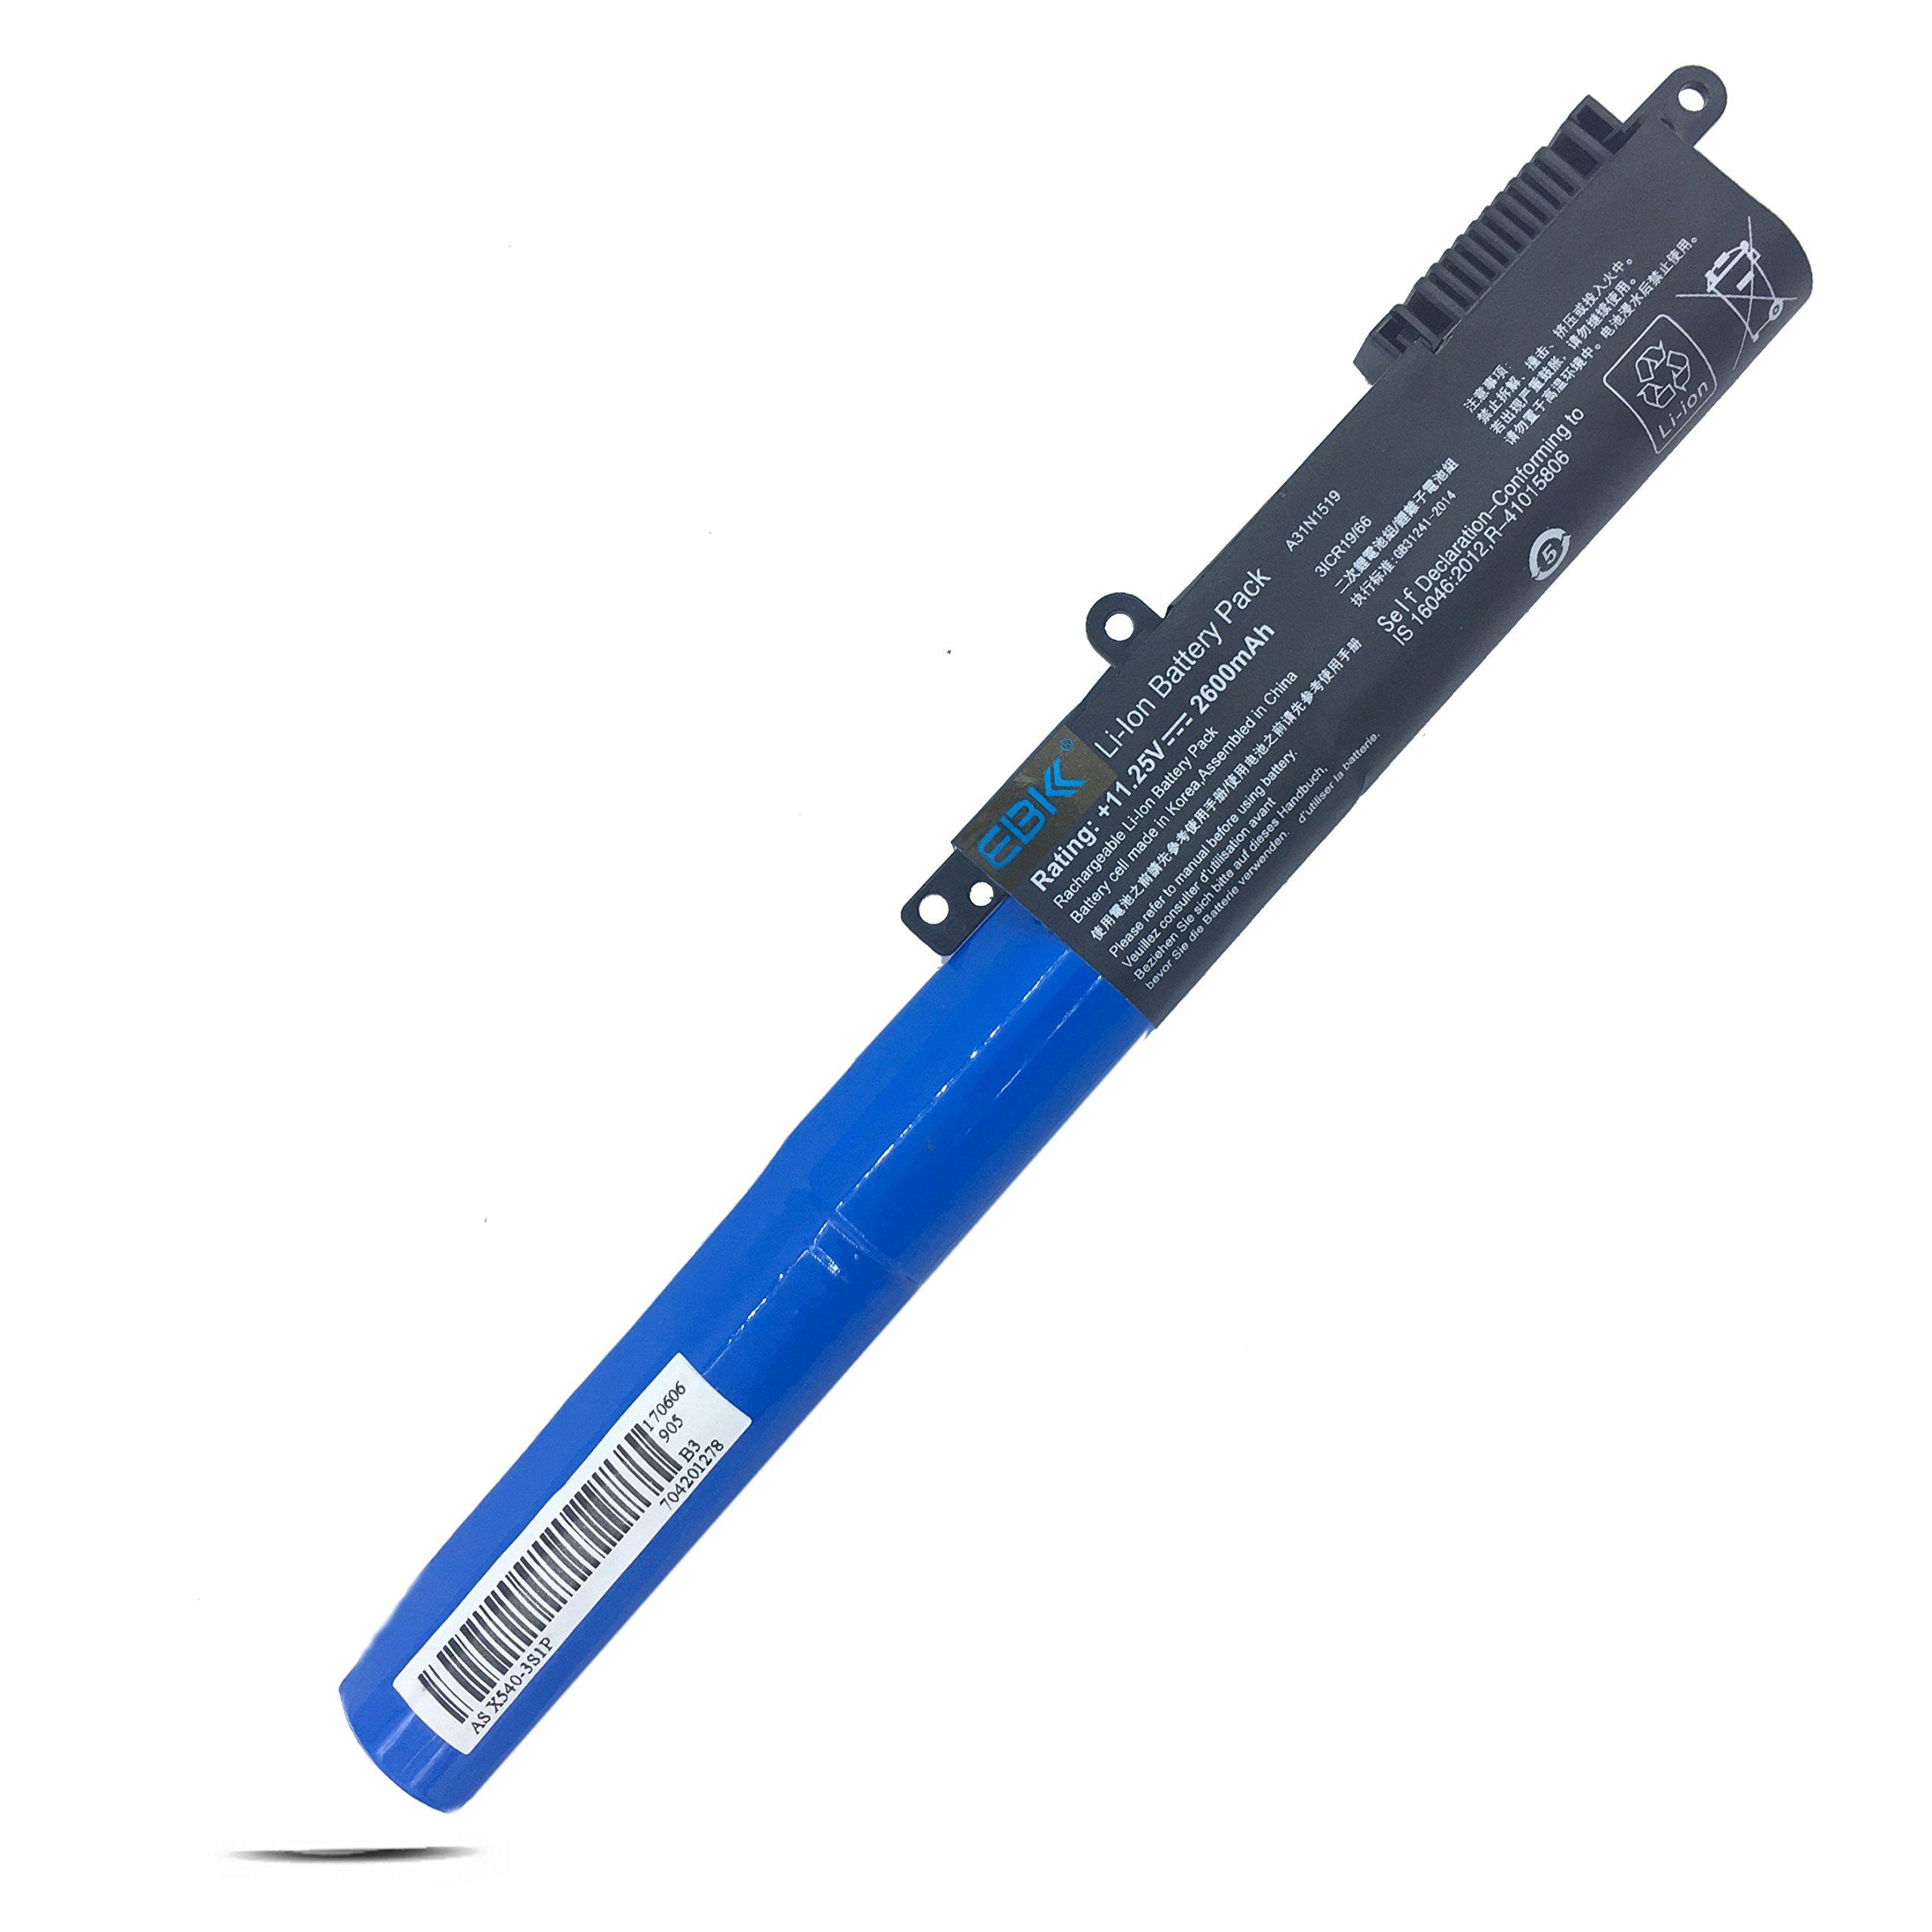 Bateria A31n1519 Para Asus X540 Series Asus X540la X540lj X540sa X540la-si302 Series Asus X540sc X540ya Series Asus X540